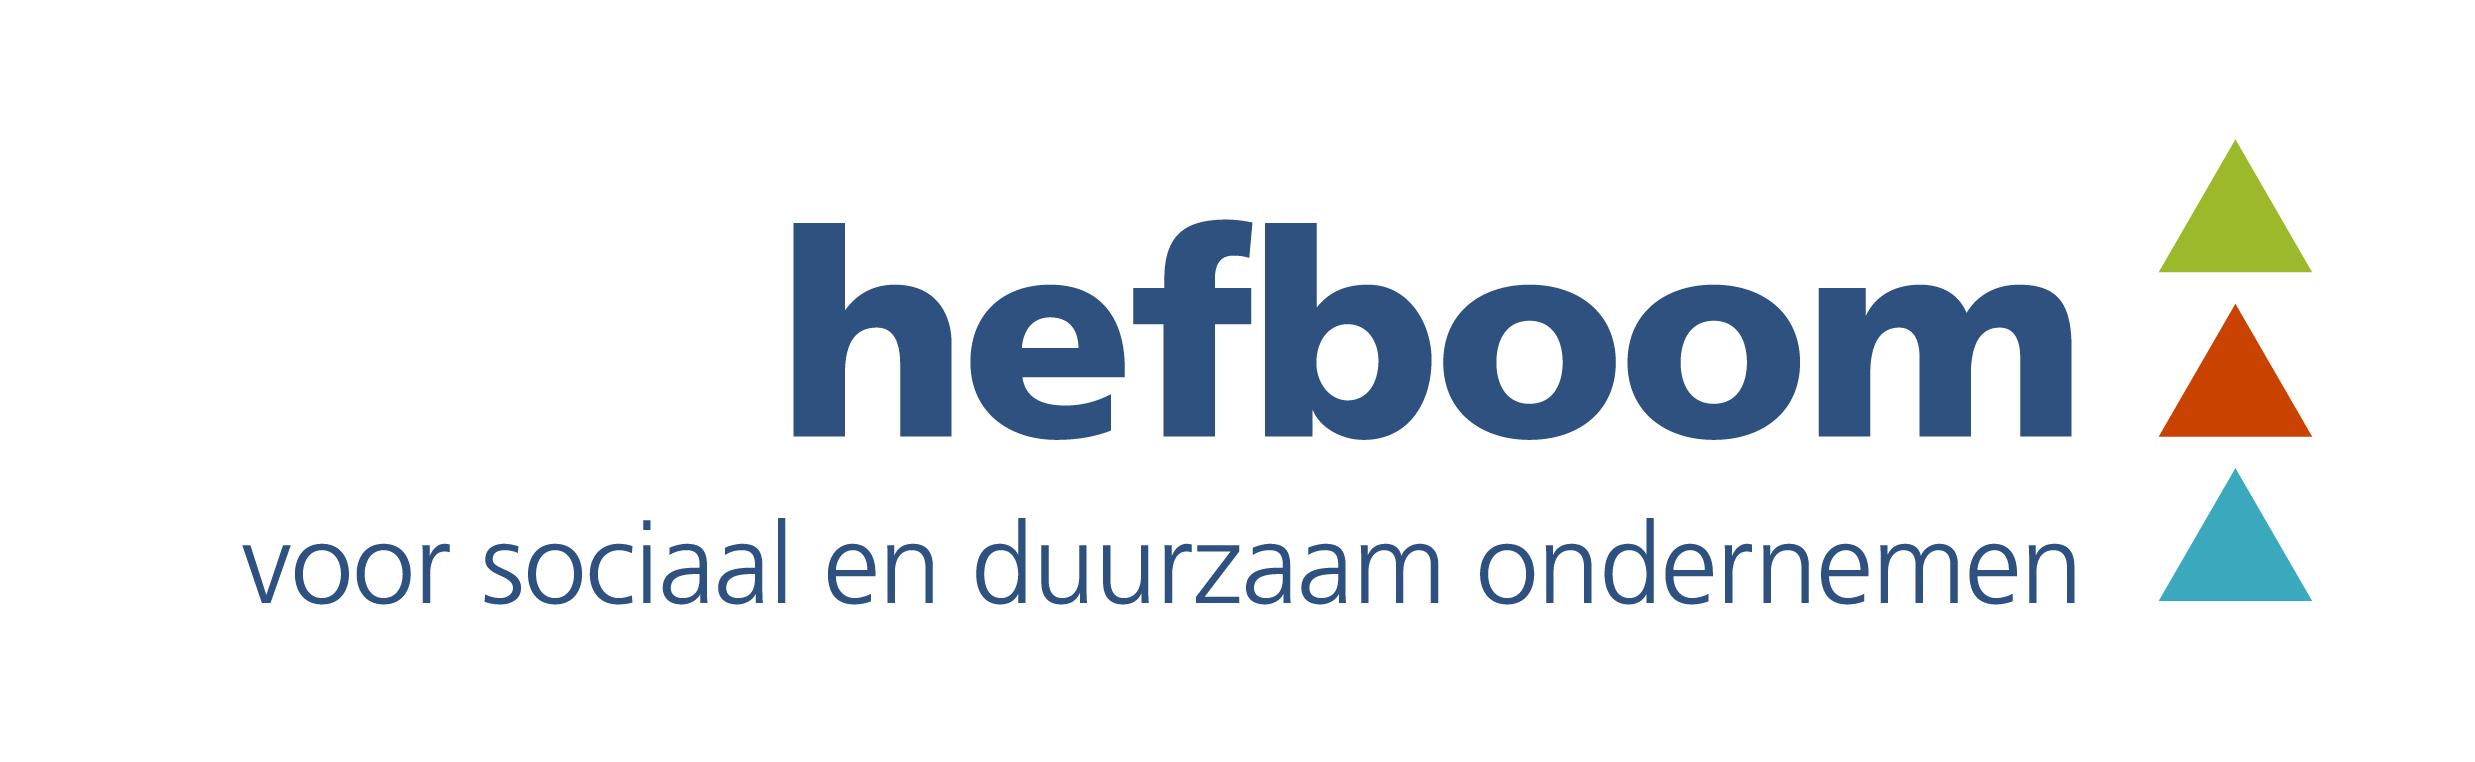 hefboom_logo_blauw-02.jpg